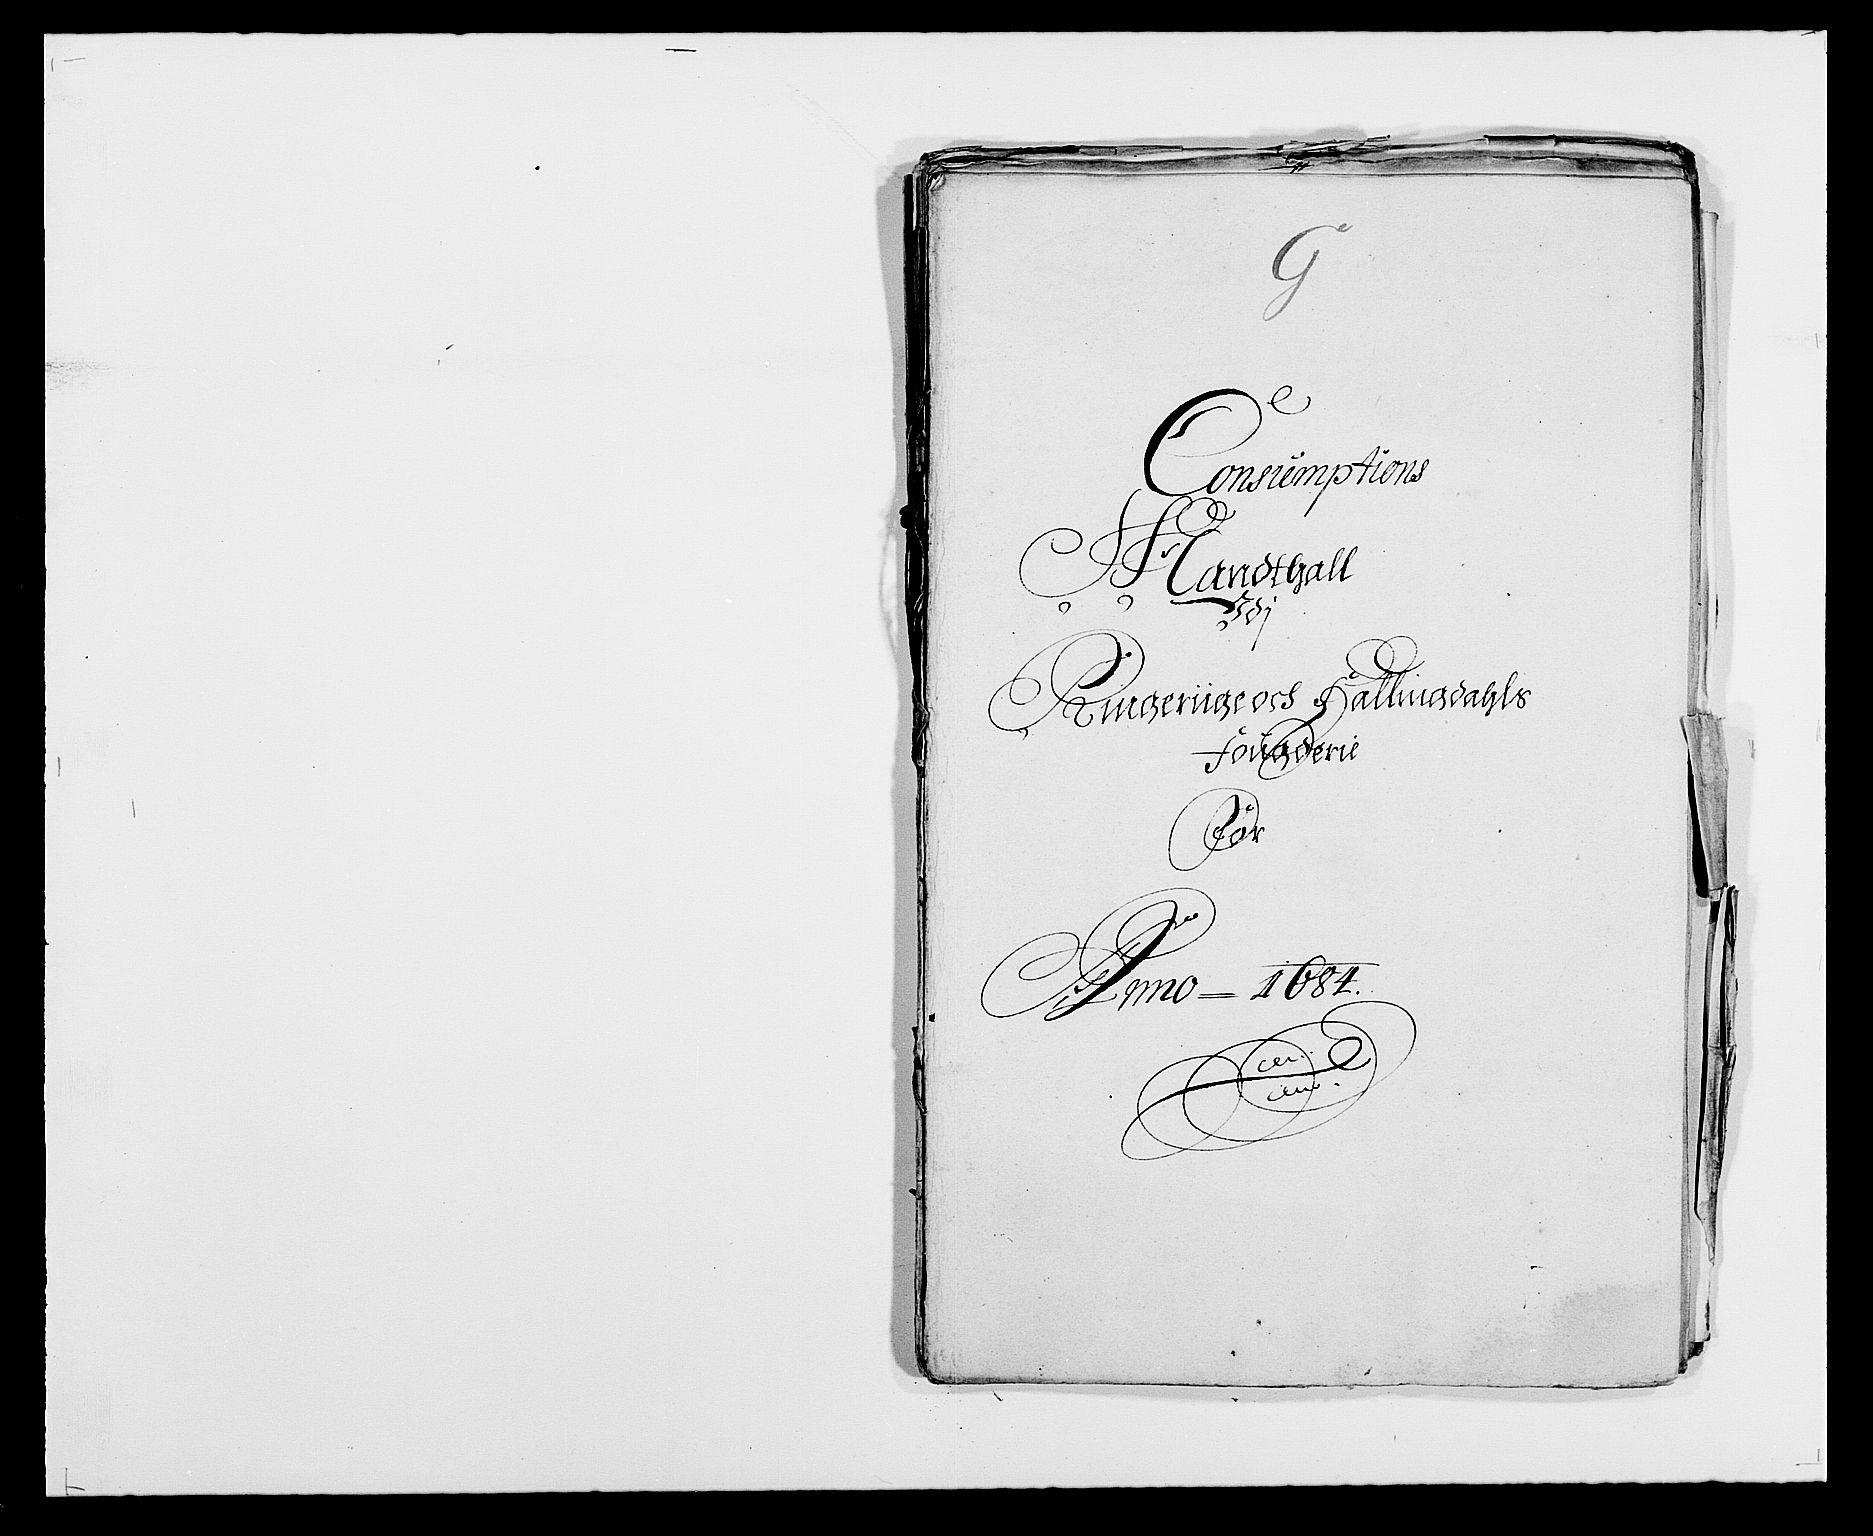 RA, Rentekammeret inntil 1814, Reviderte regnskaper, Fogderegnskap, R21/L1446: Fogderegnskap Ringerike og Hallingdal, 1683-1686, s. 234